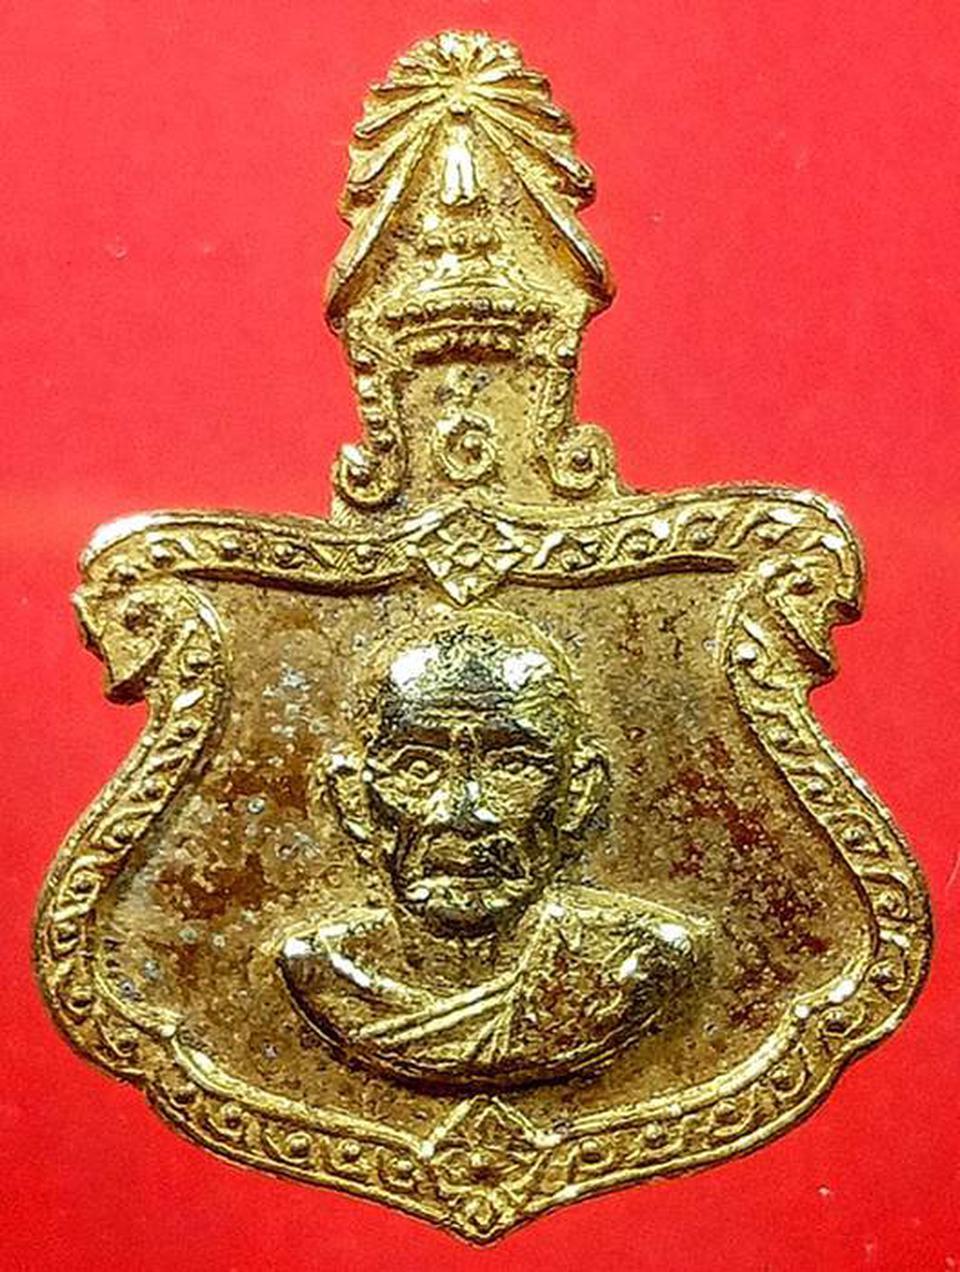 หลวงปู่เทียม วัดกษัตราธิราช เสด็จพระราชดำเนิน ปี19 รูปที่ 2